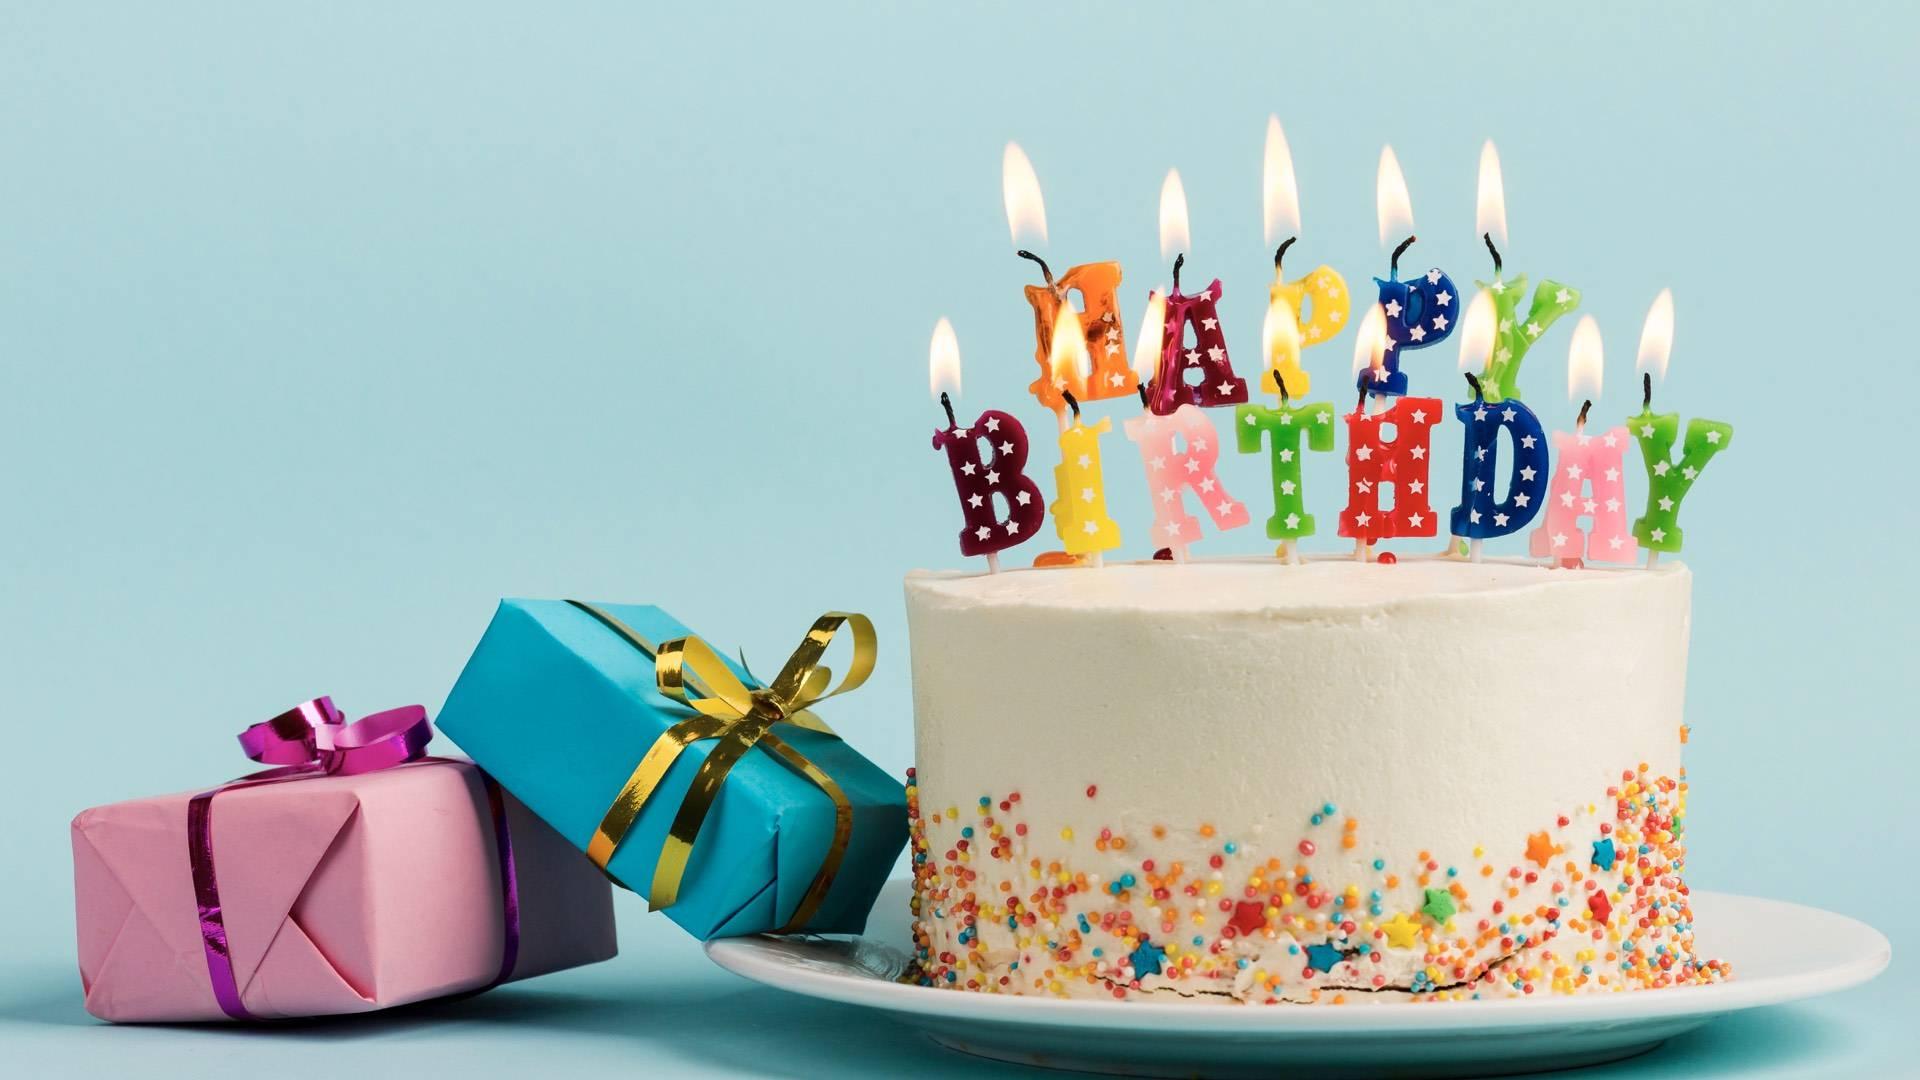 Birthday Gift yang Surprise untuk Pasangan LDR